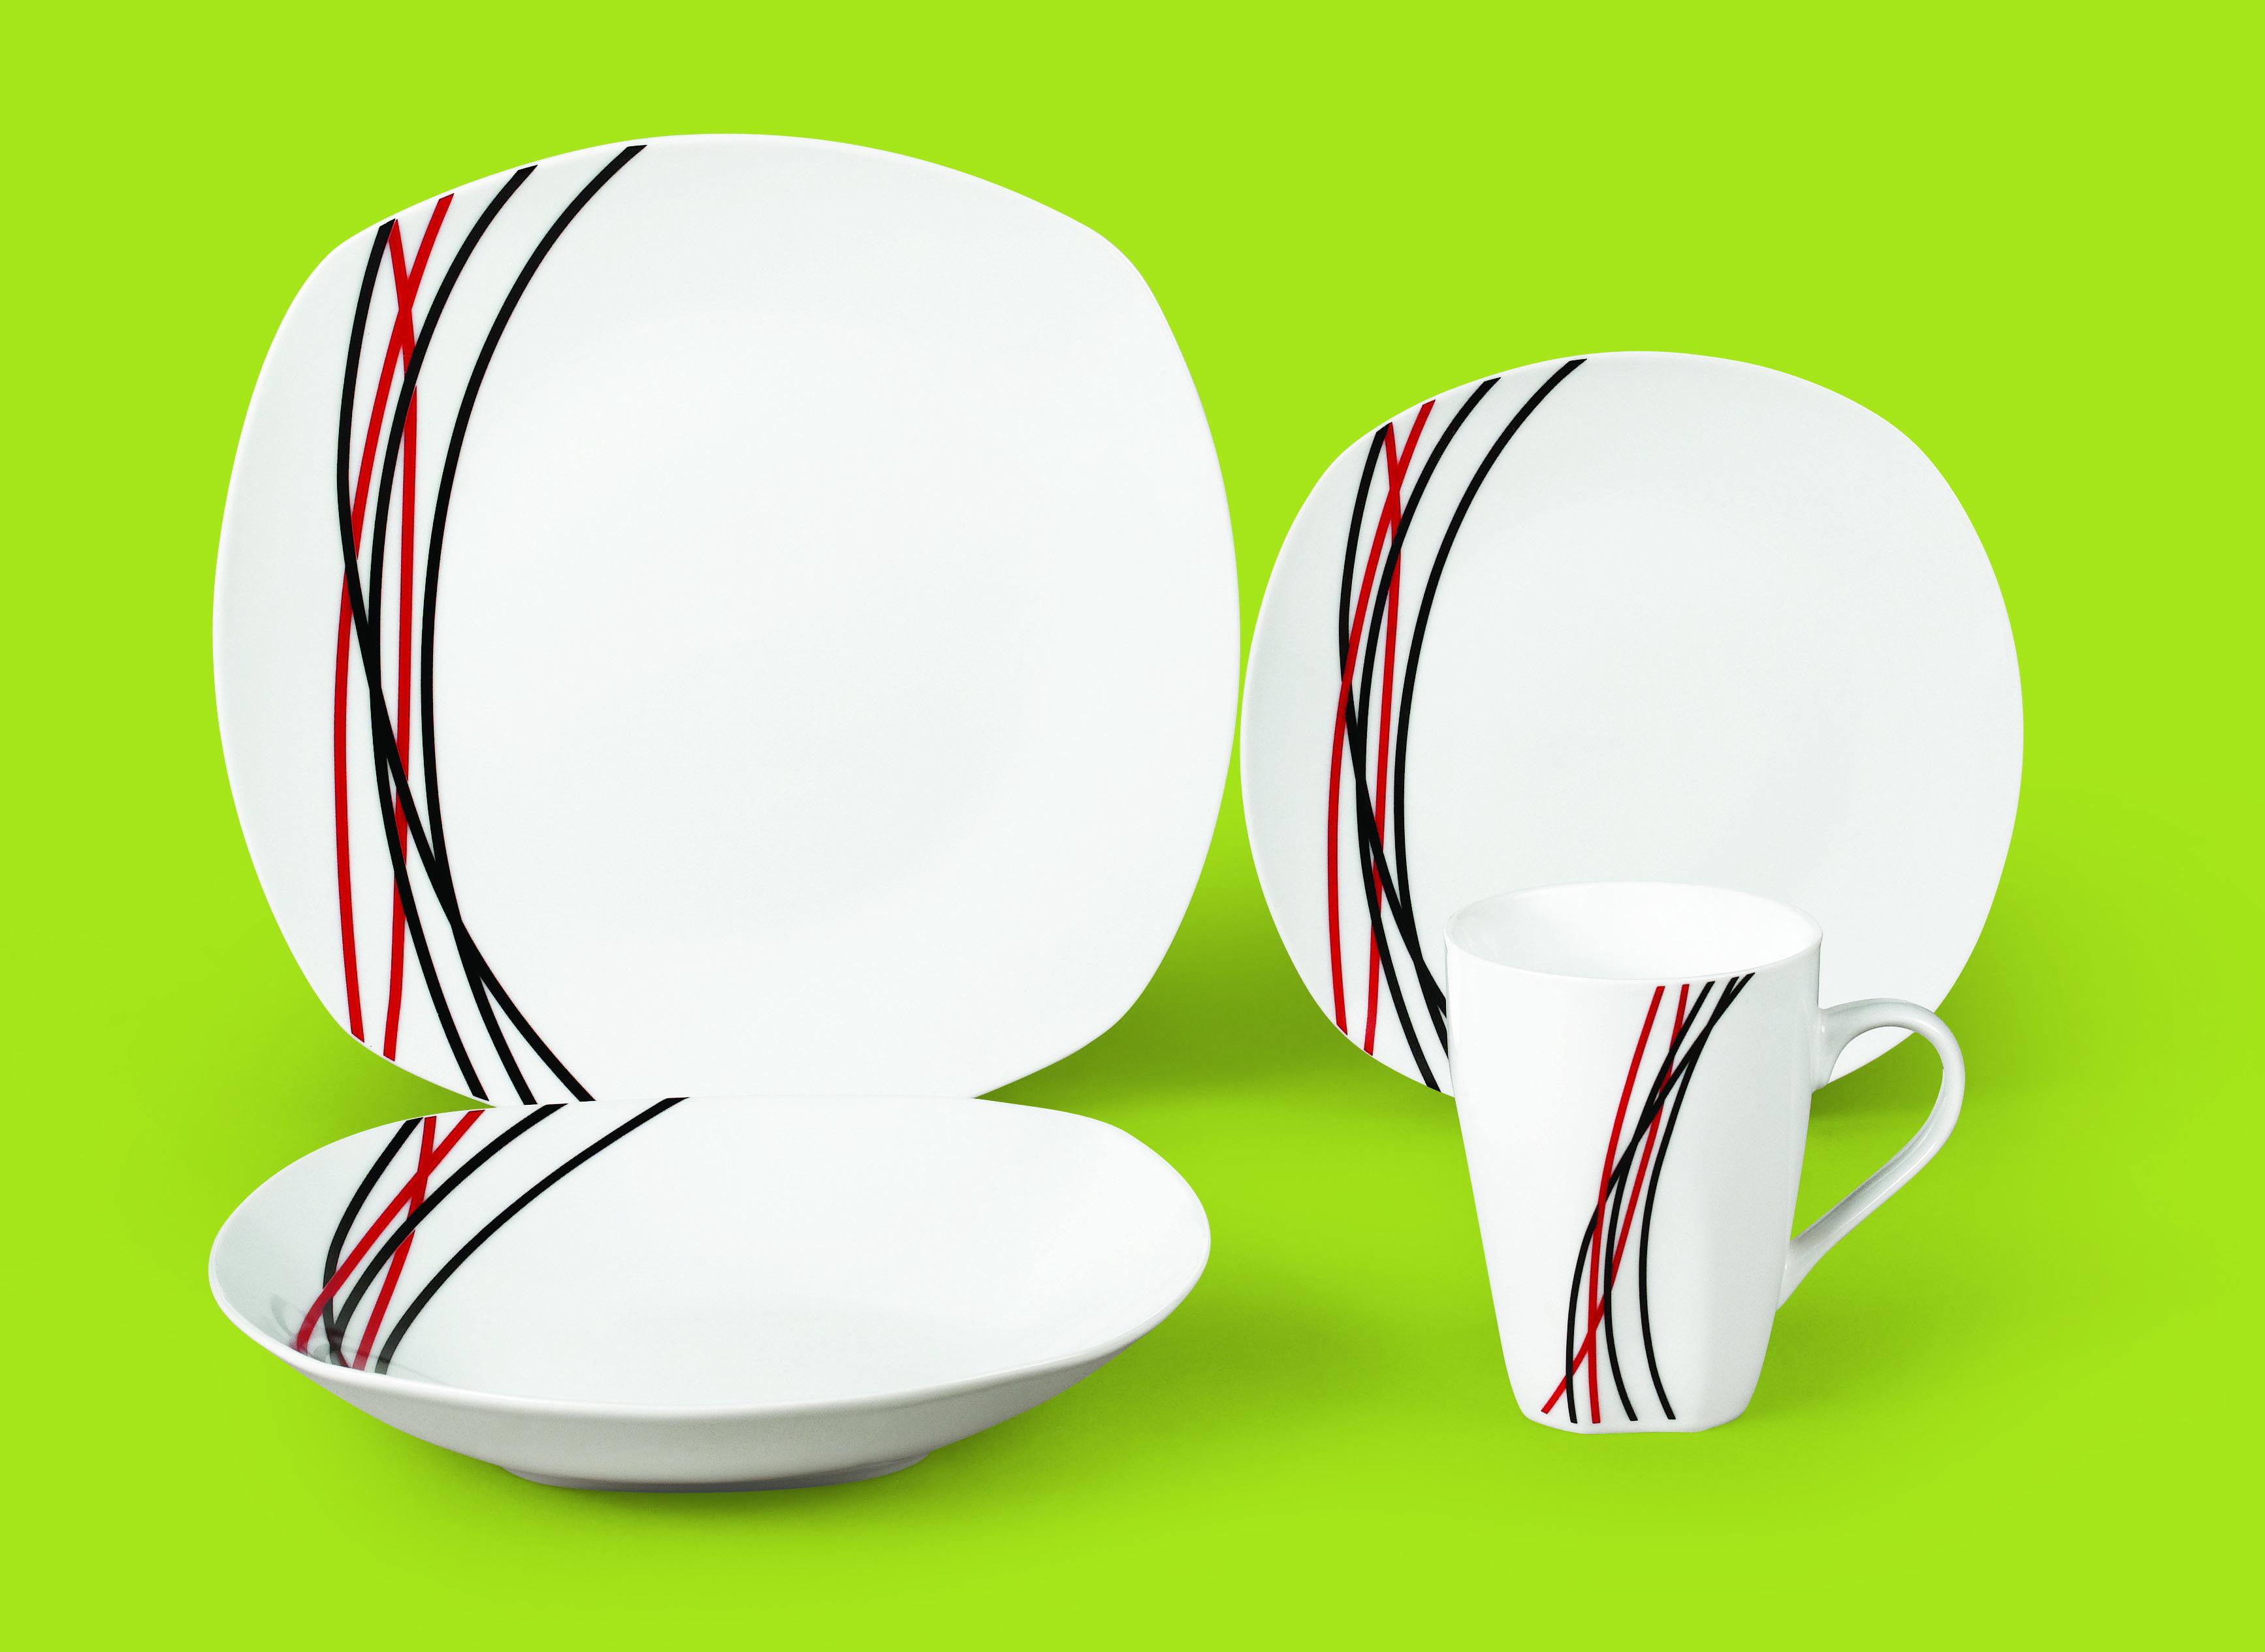 彩色线条陶瓷餐具